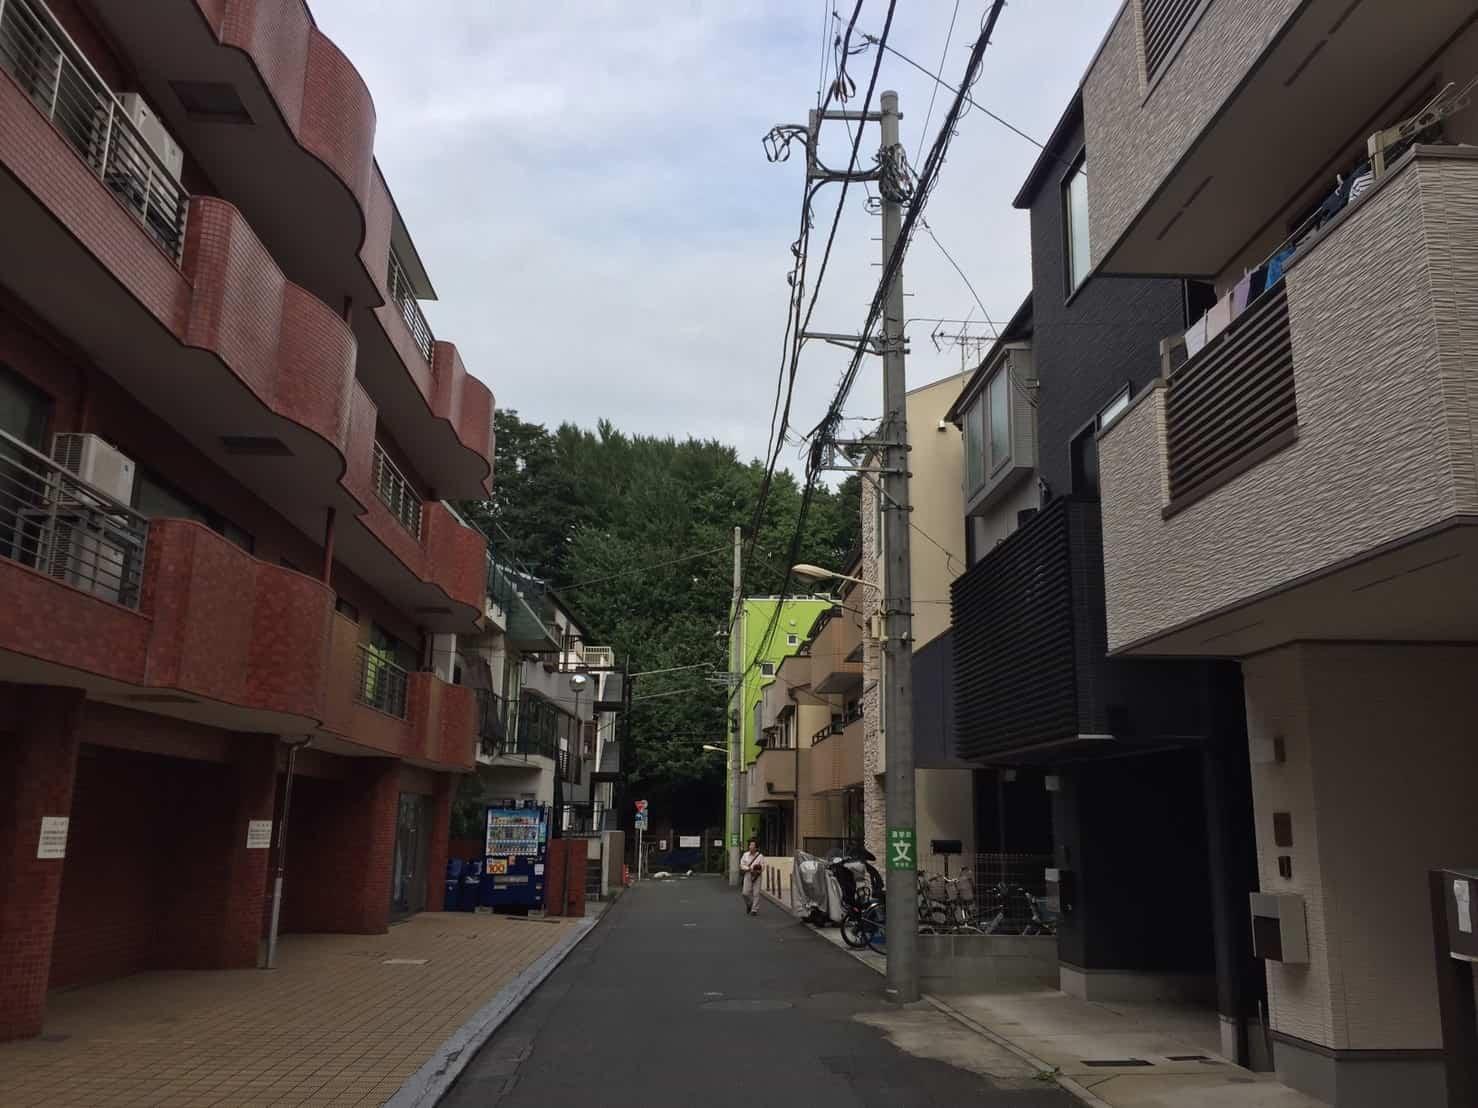 千駄ヶ谷駅 新宿御苑横の住宅街